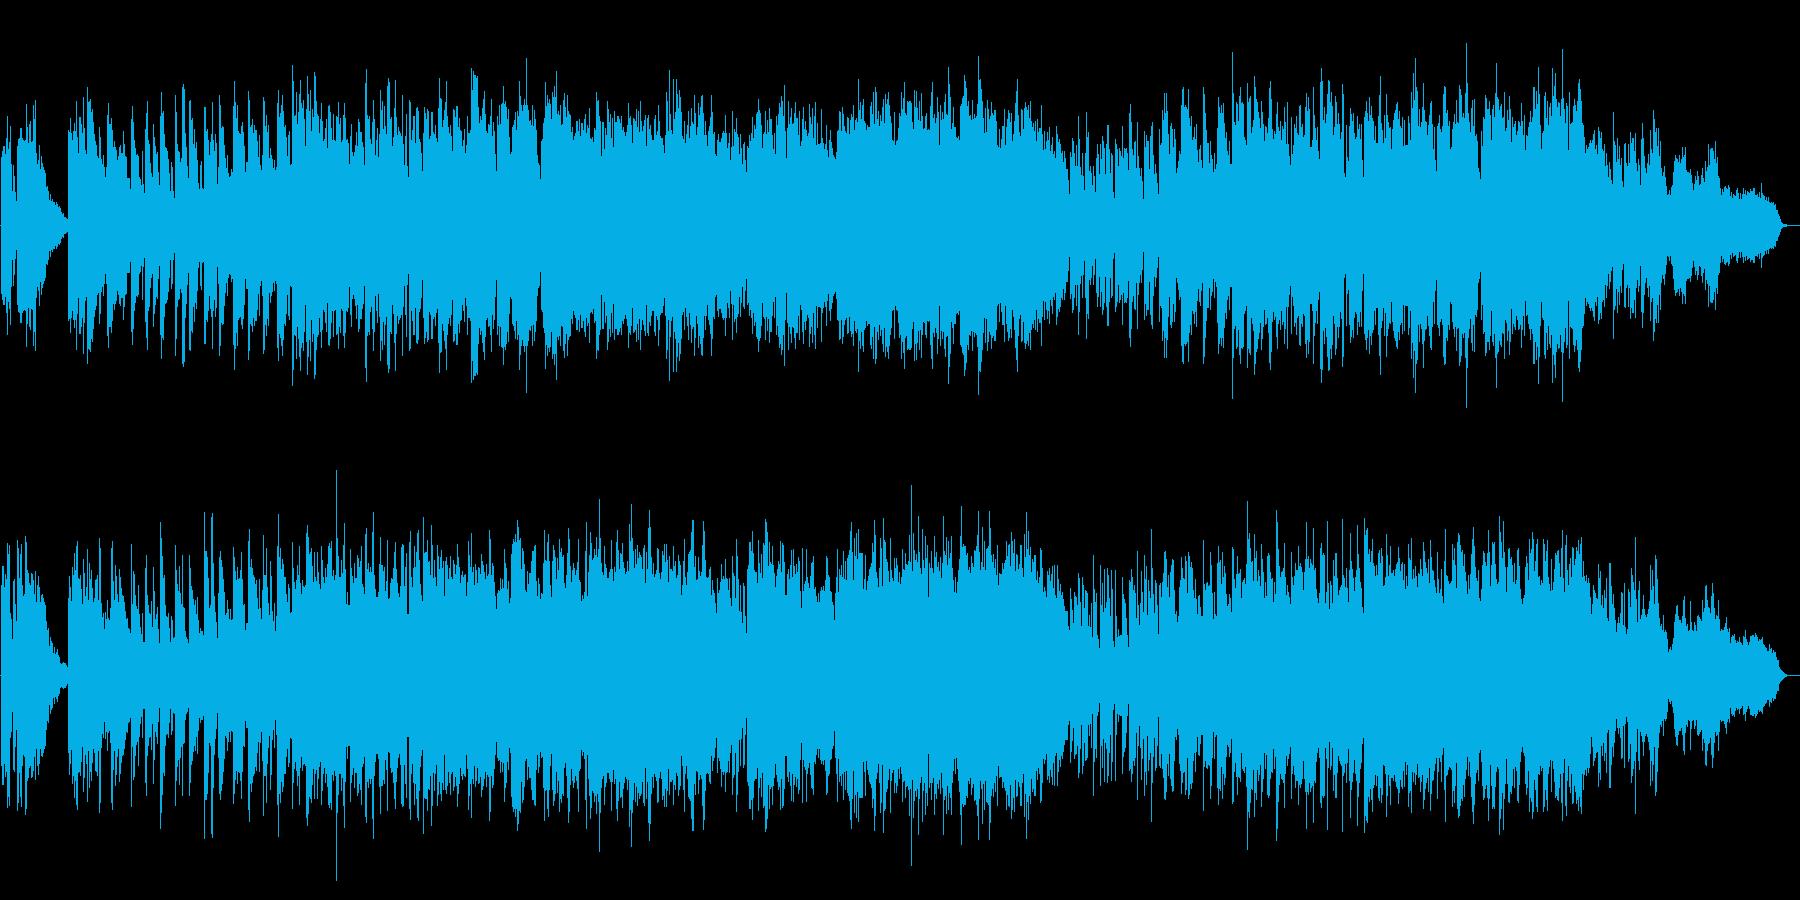 明るくほのぼのピアノと弦楽五重奏の小品の再生済みの波形